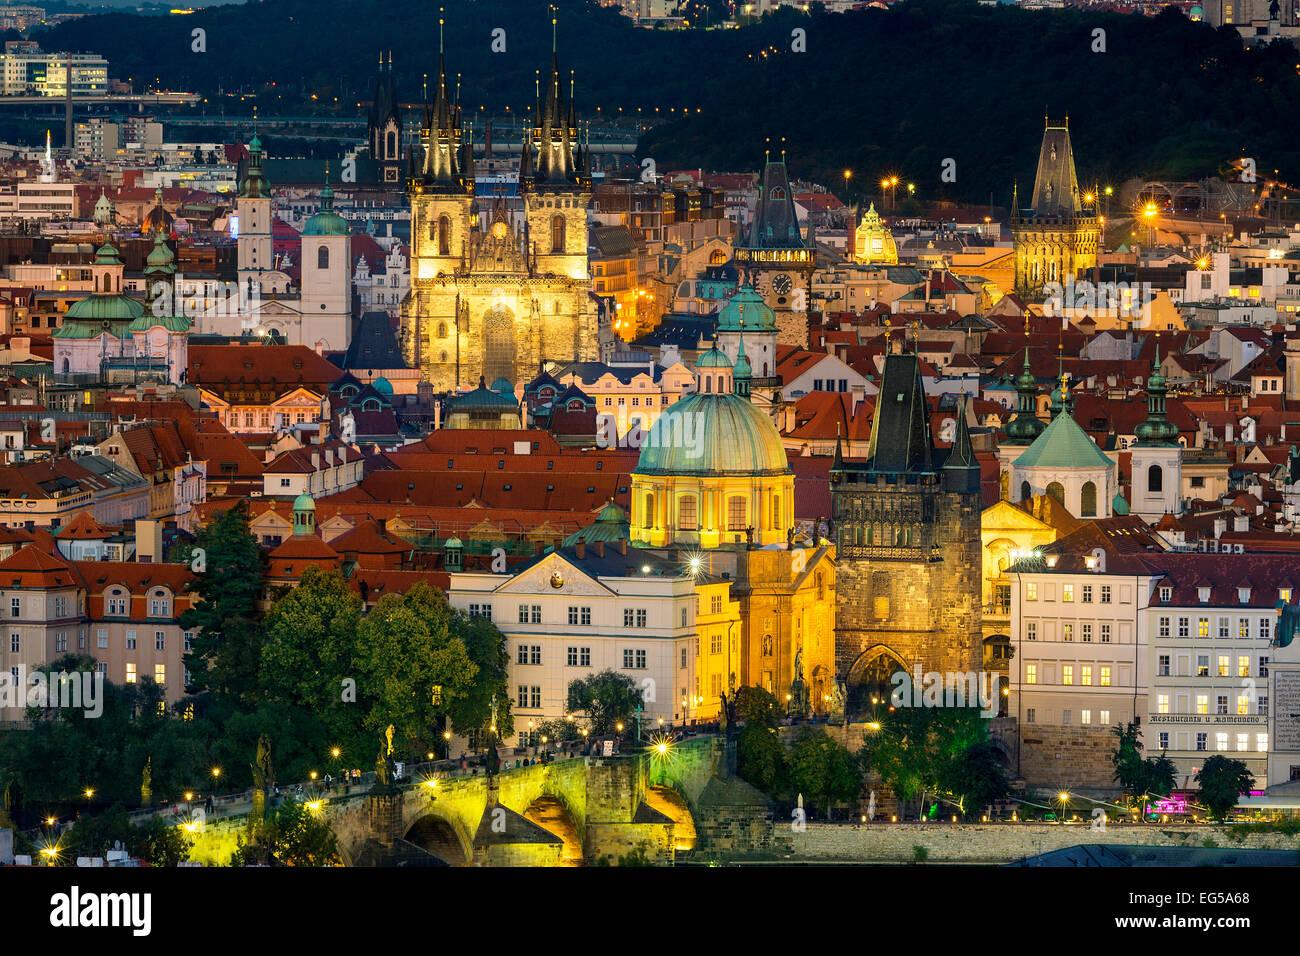 Tschechien, Prag, Stadt Skyline in der Abenddämmerung Stockbild